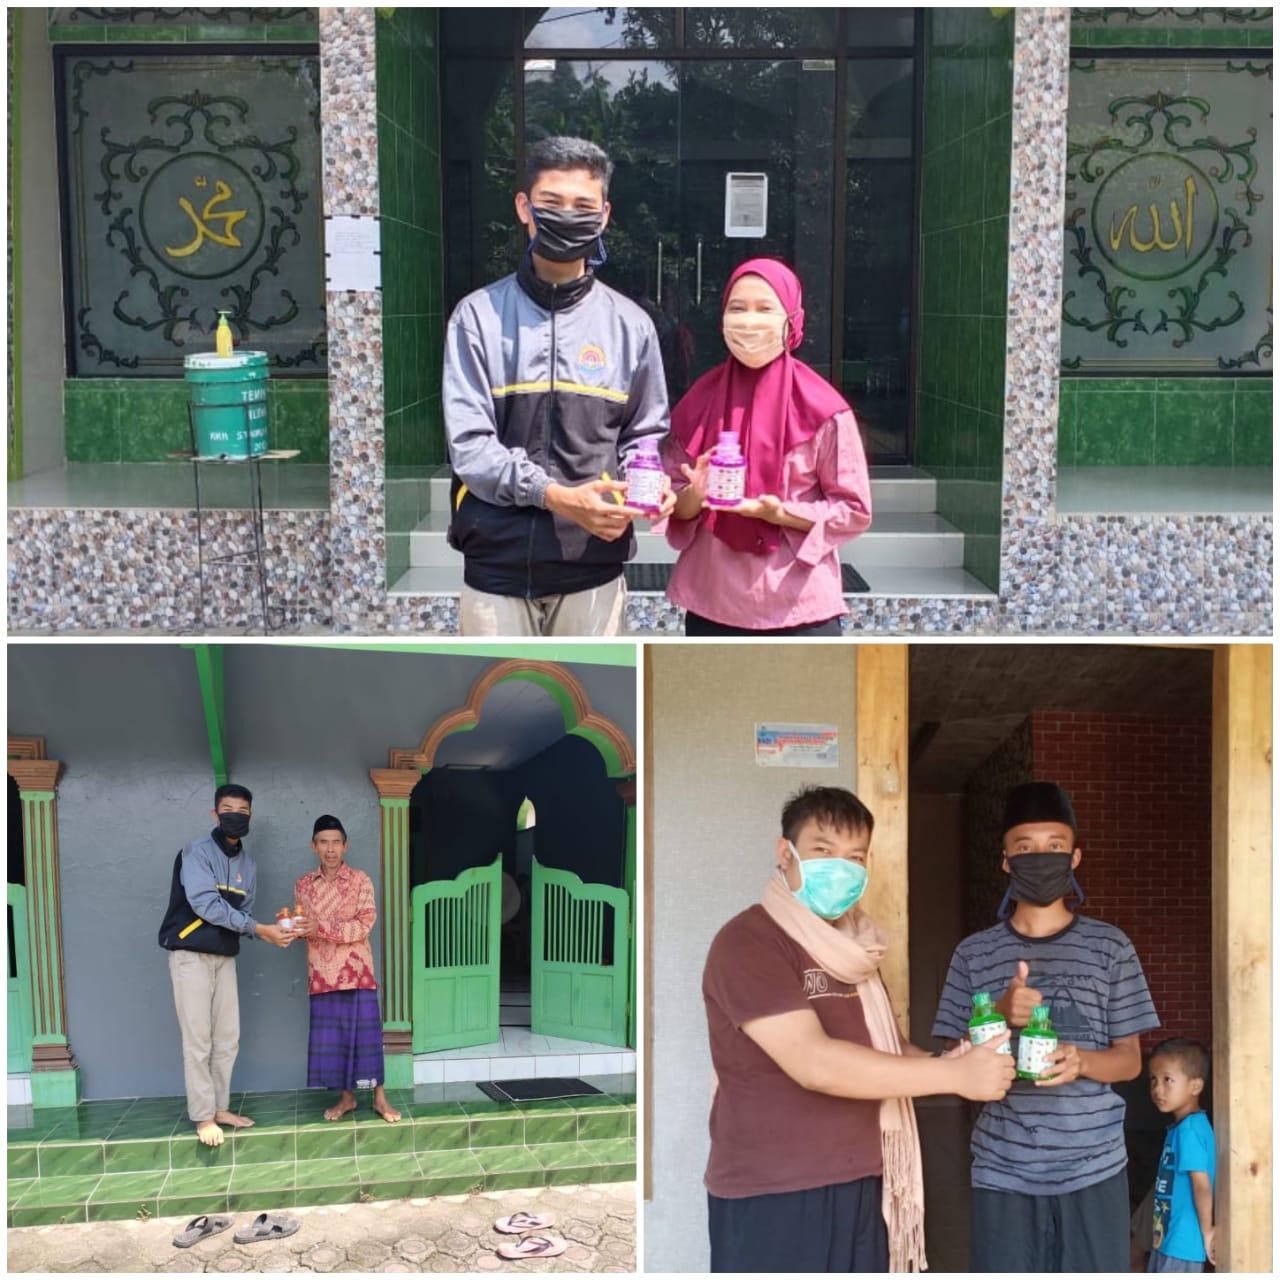 SMK Negeri 1 Karanggayam Membantu Masyarakat Sekitar Dalam Melawan Pandemi Covid-19